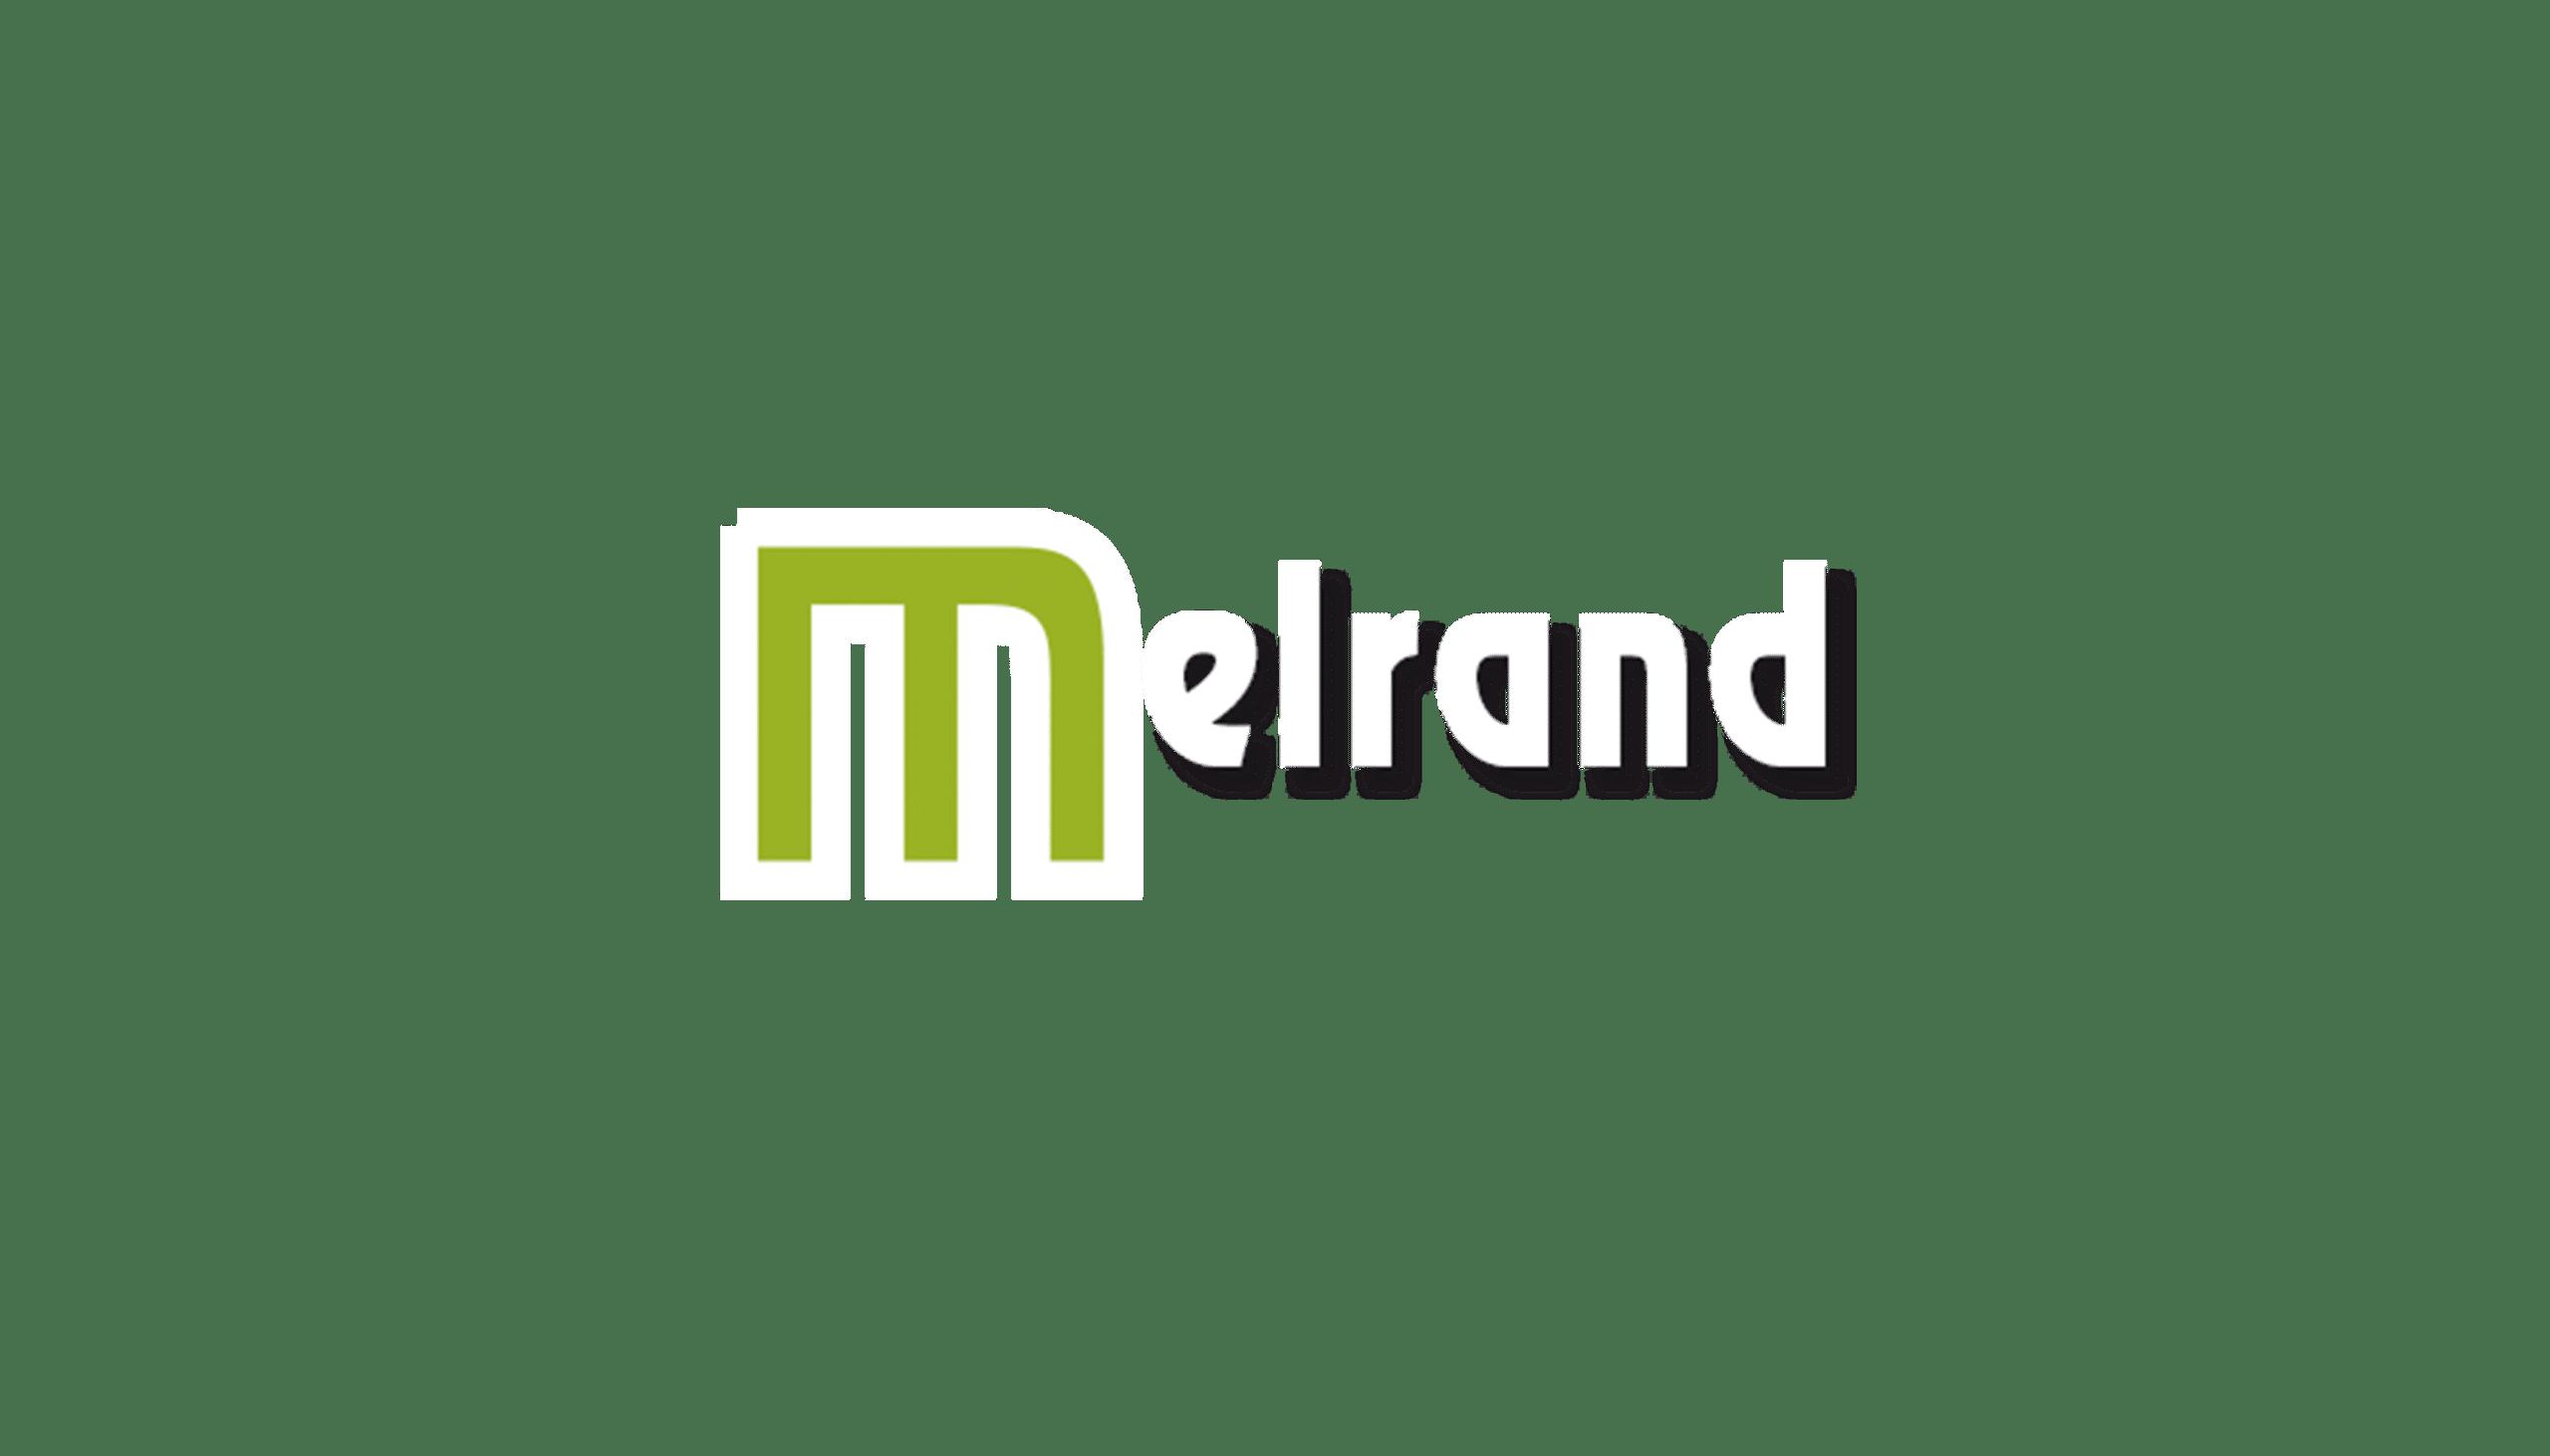 Mairie de Melrand